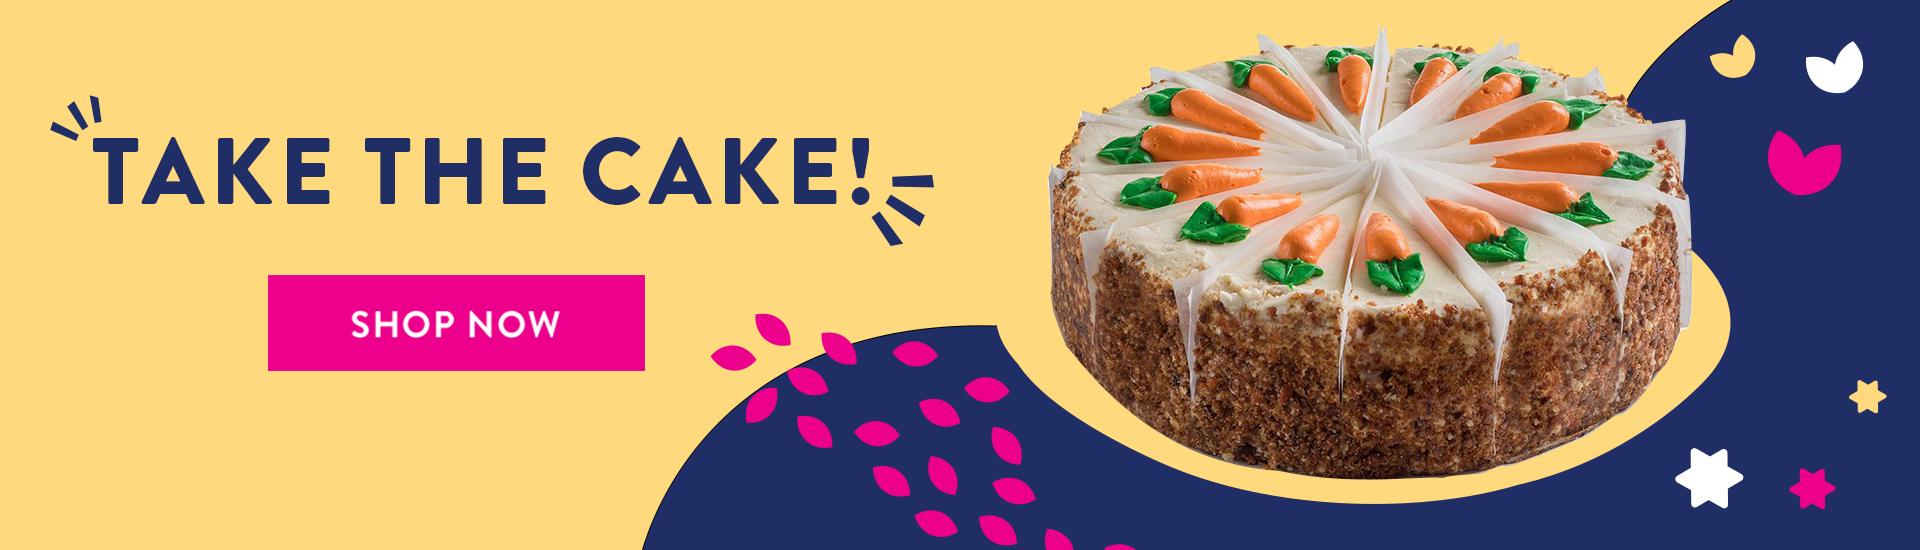 carrot-cake-1920x550.jpg